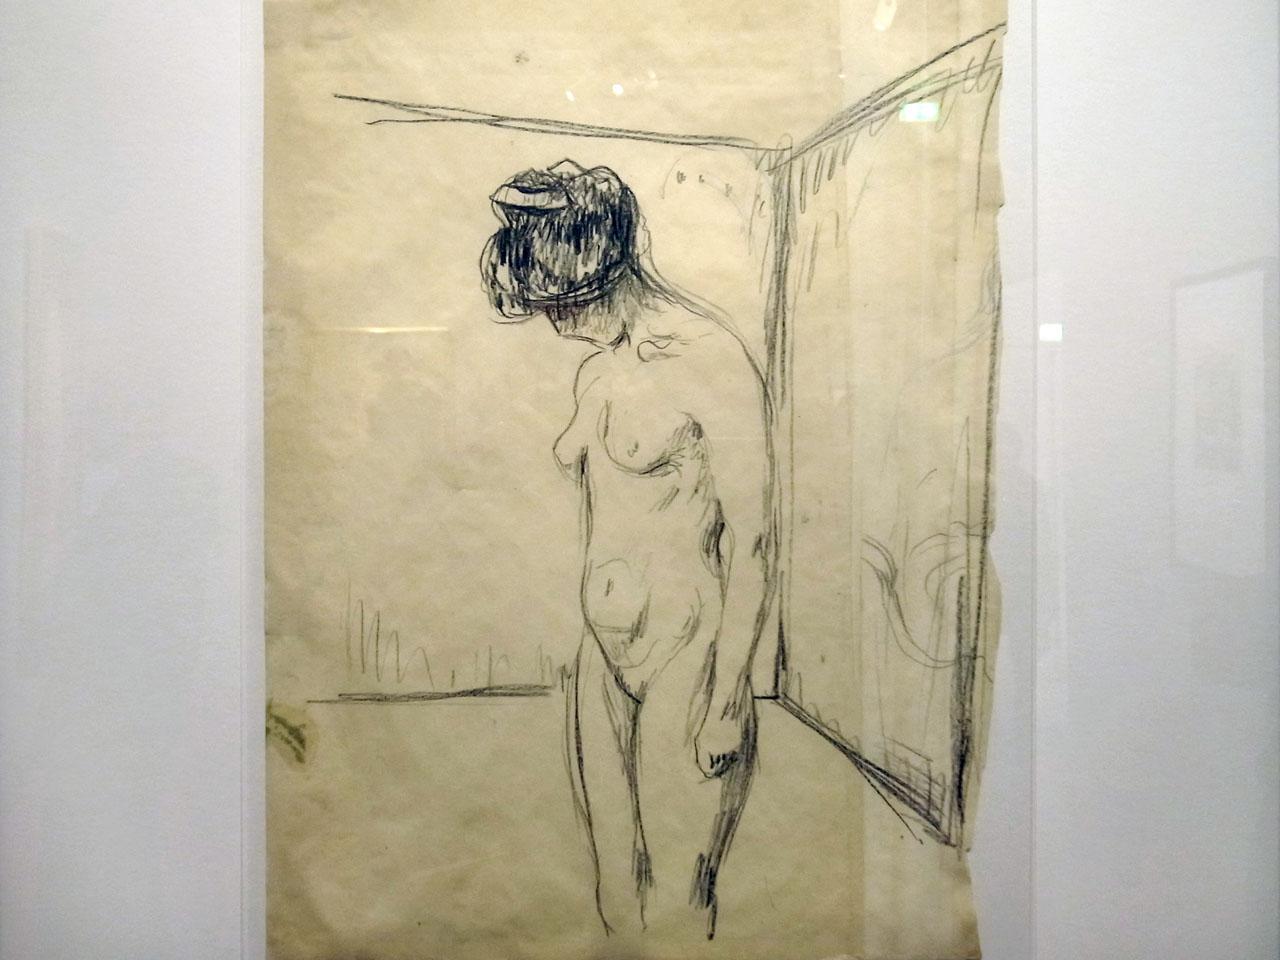 ce que voit le peintre et ce qu'il nous envoie Munch-nu-dessin